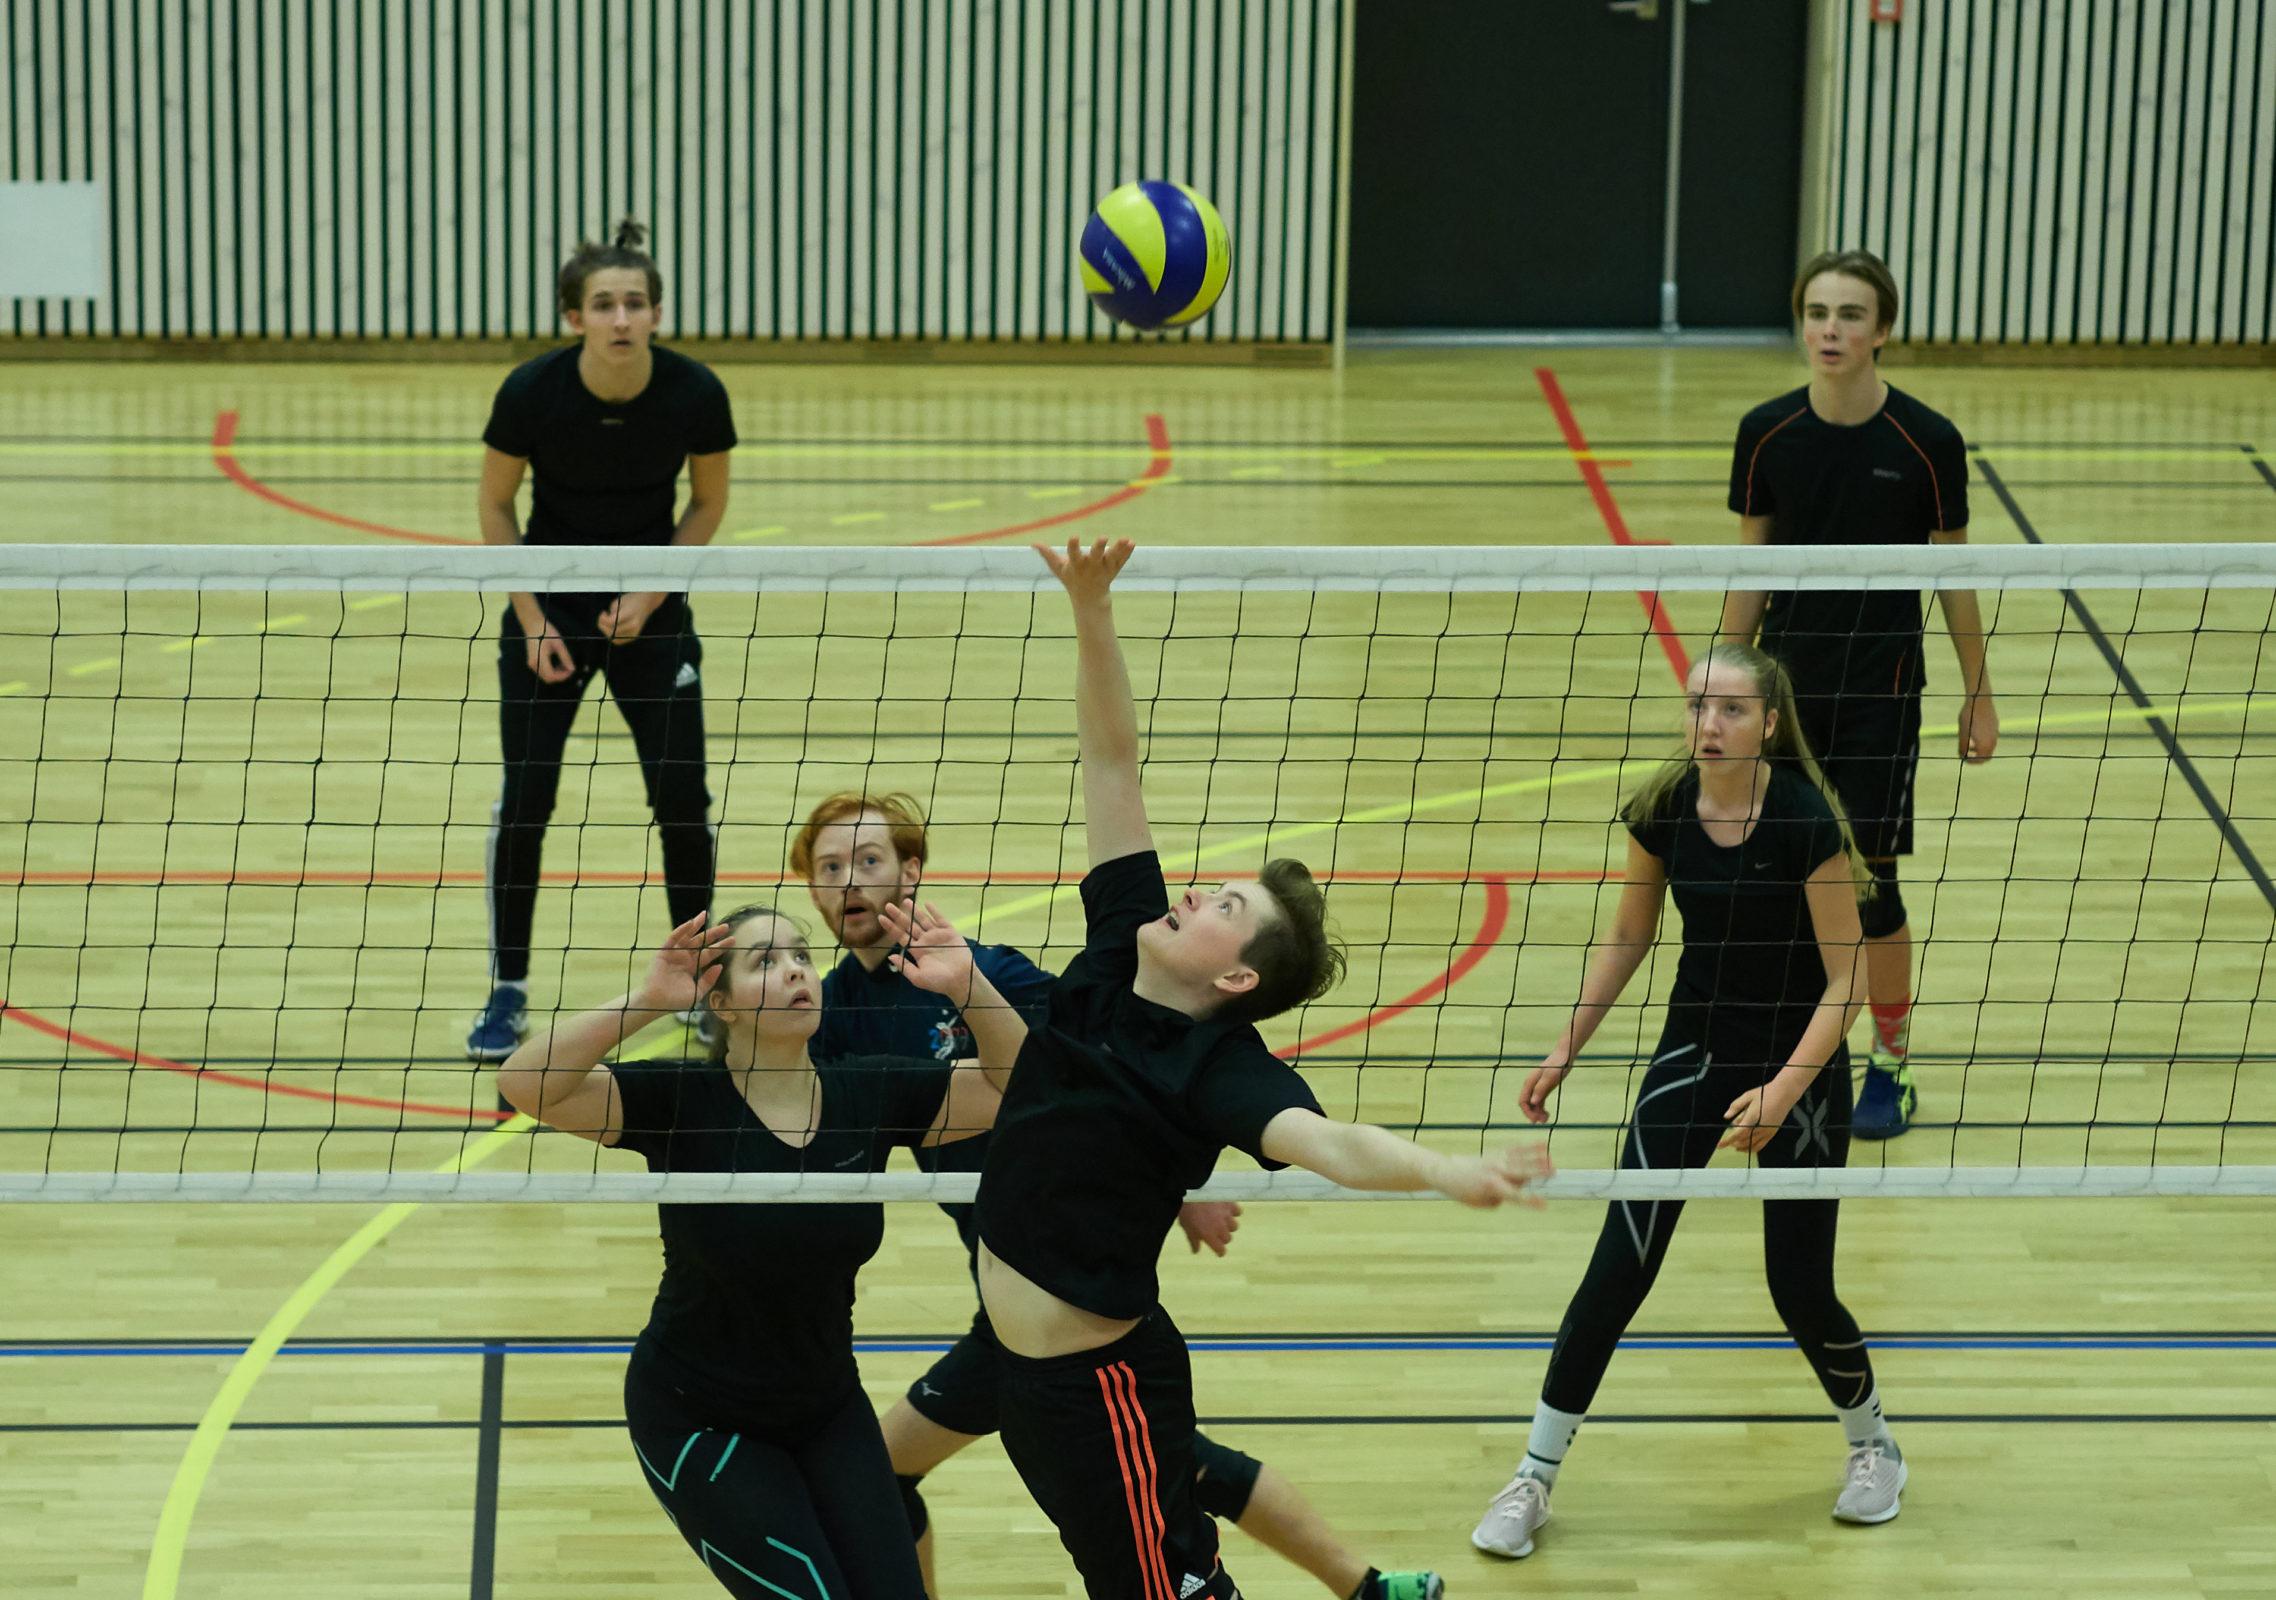 Turnering i Framnes Arena 2018, i volleyball, innebandy, fotball og sjakk